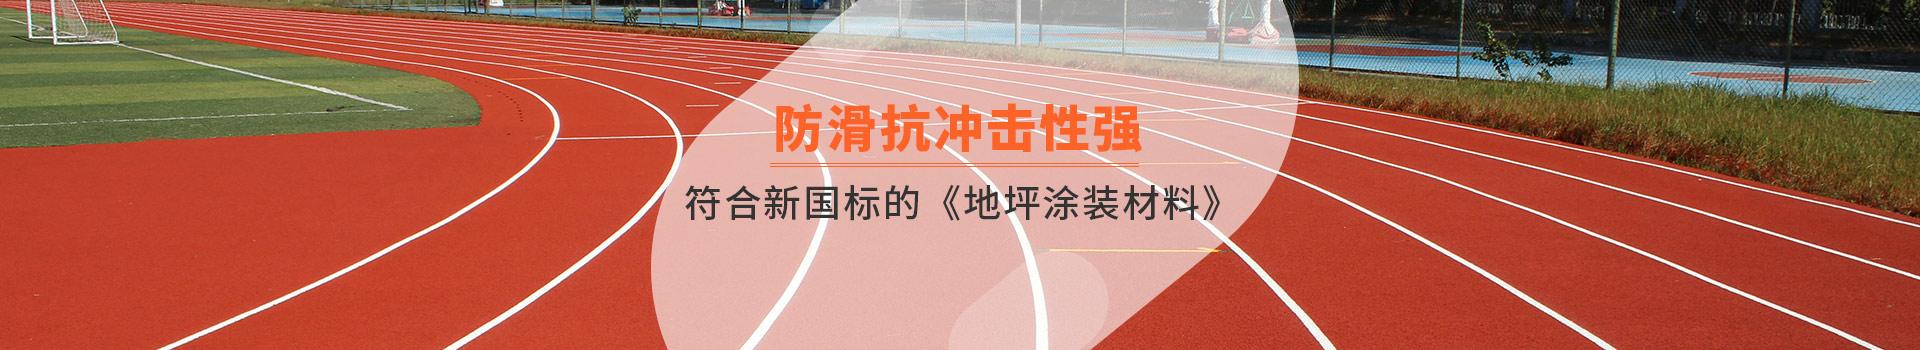 宜邦丽塑胶跑道防滑抗冲击性强